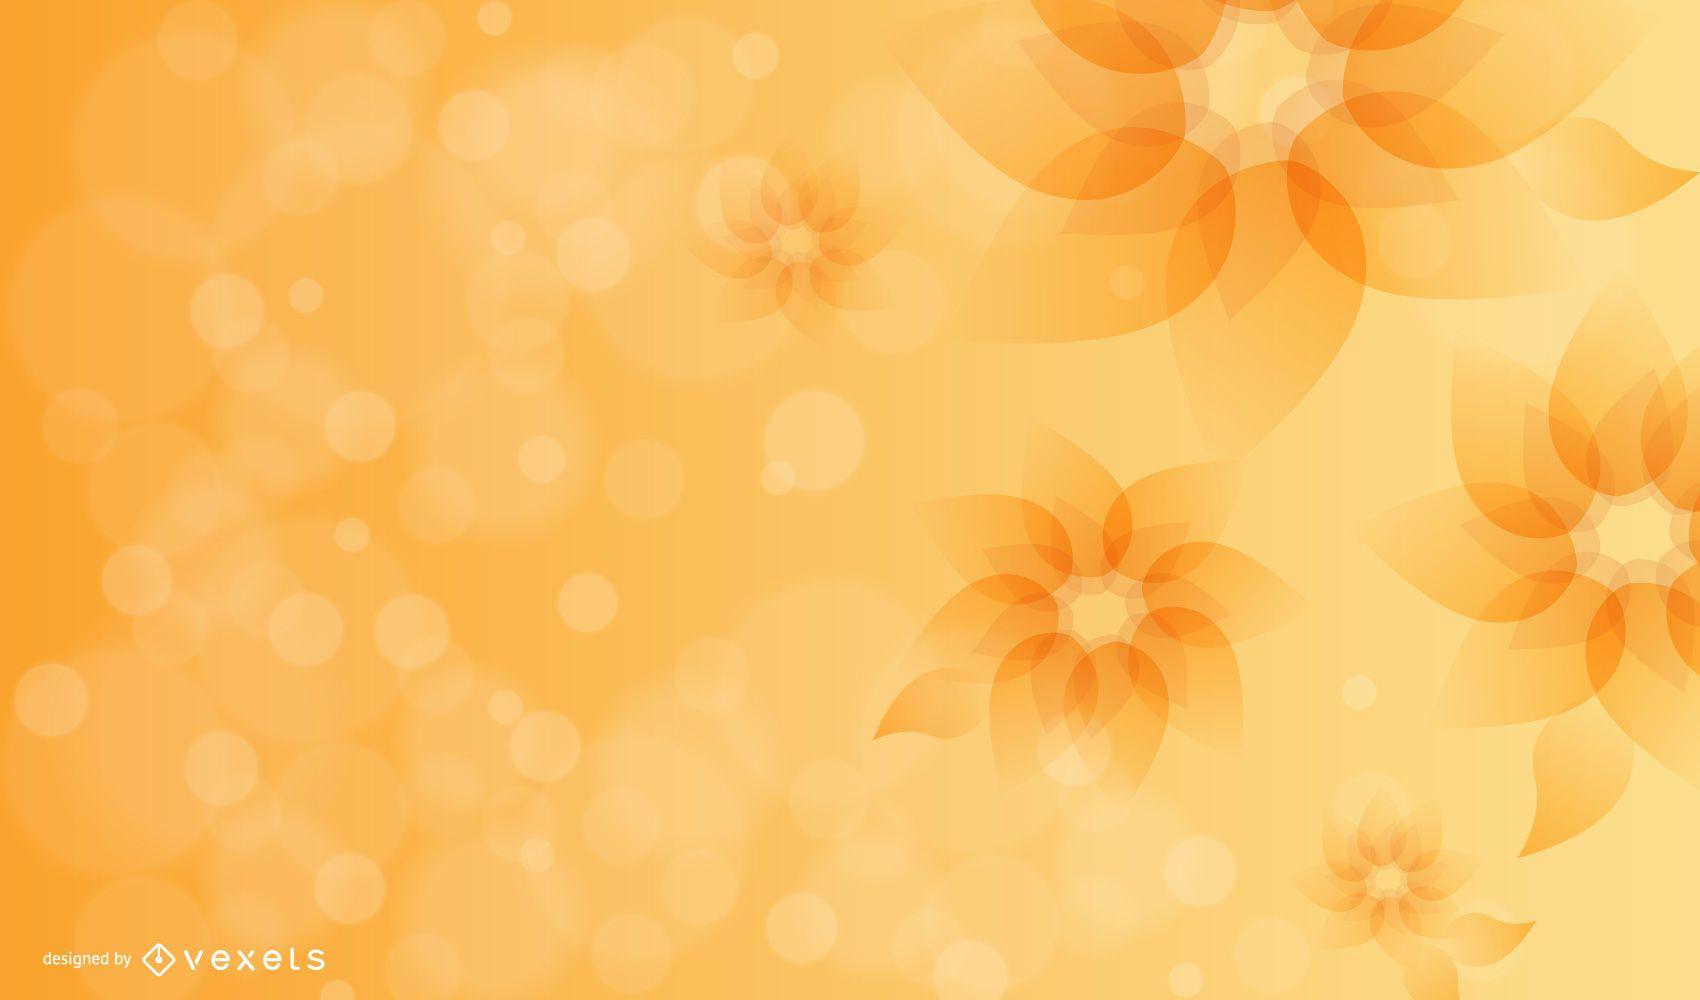 Full Blossom Bright Flower with Bokeh